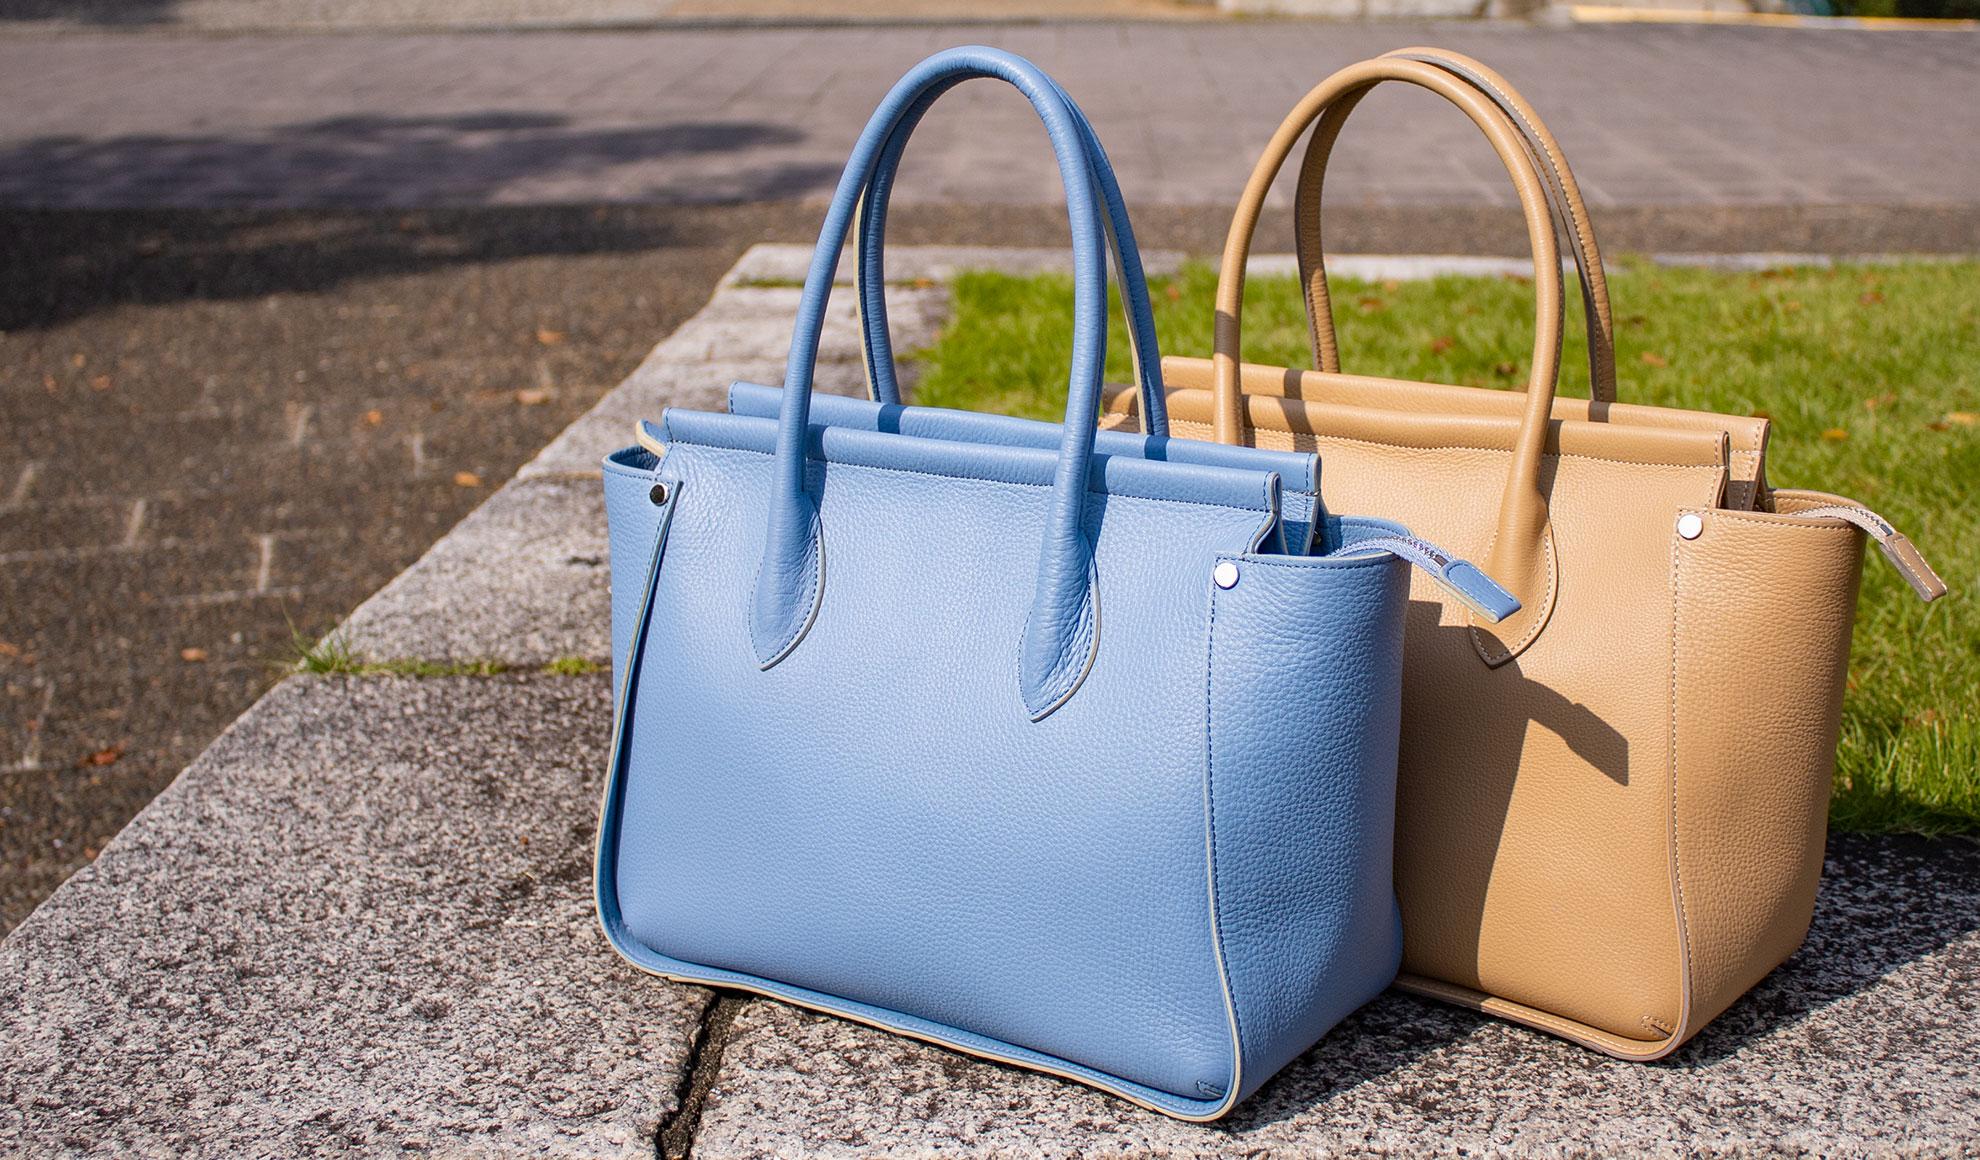 国産シュリンクレザーの心地よさと美しい曲線とお手頃価格が魅力の本革バッグ「RE-01」